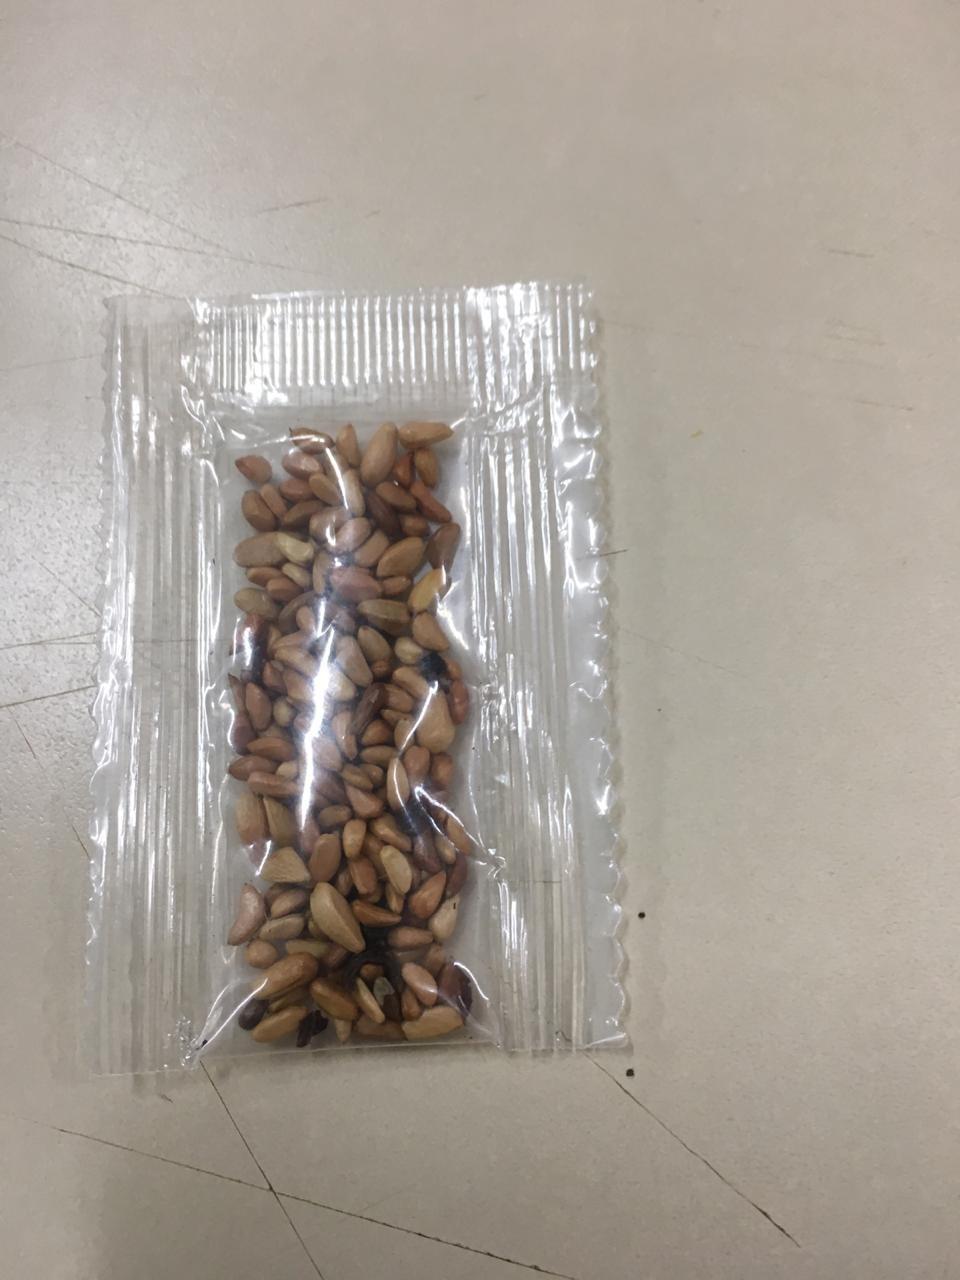 Morador de MS recebe pacote de sementes da China por correio e governo emite alerta para riscos